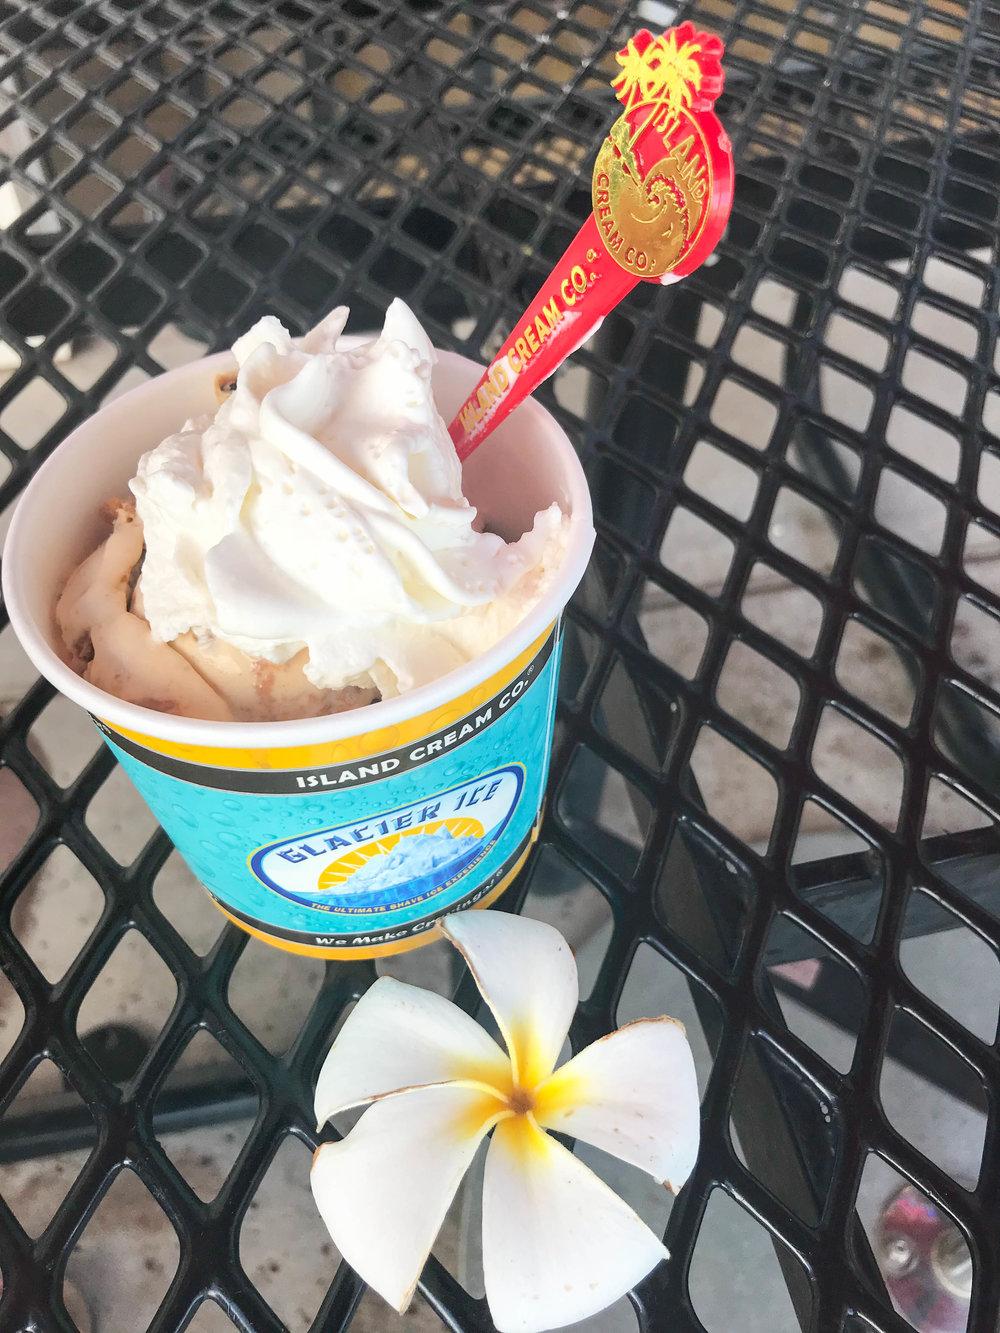 Maui Island Cream Company - Ice Cream Sundae